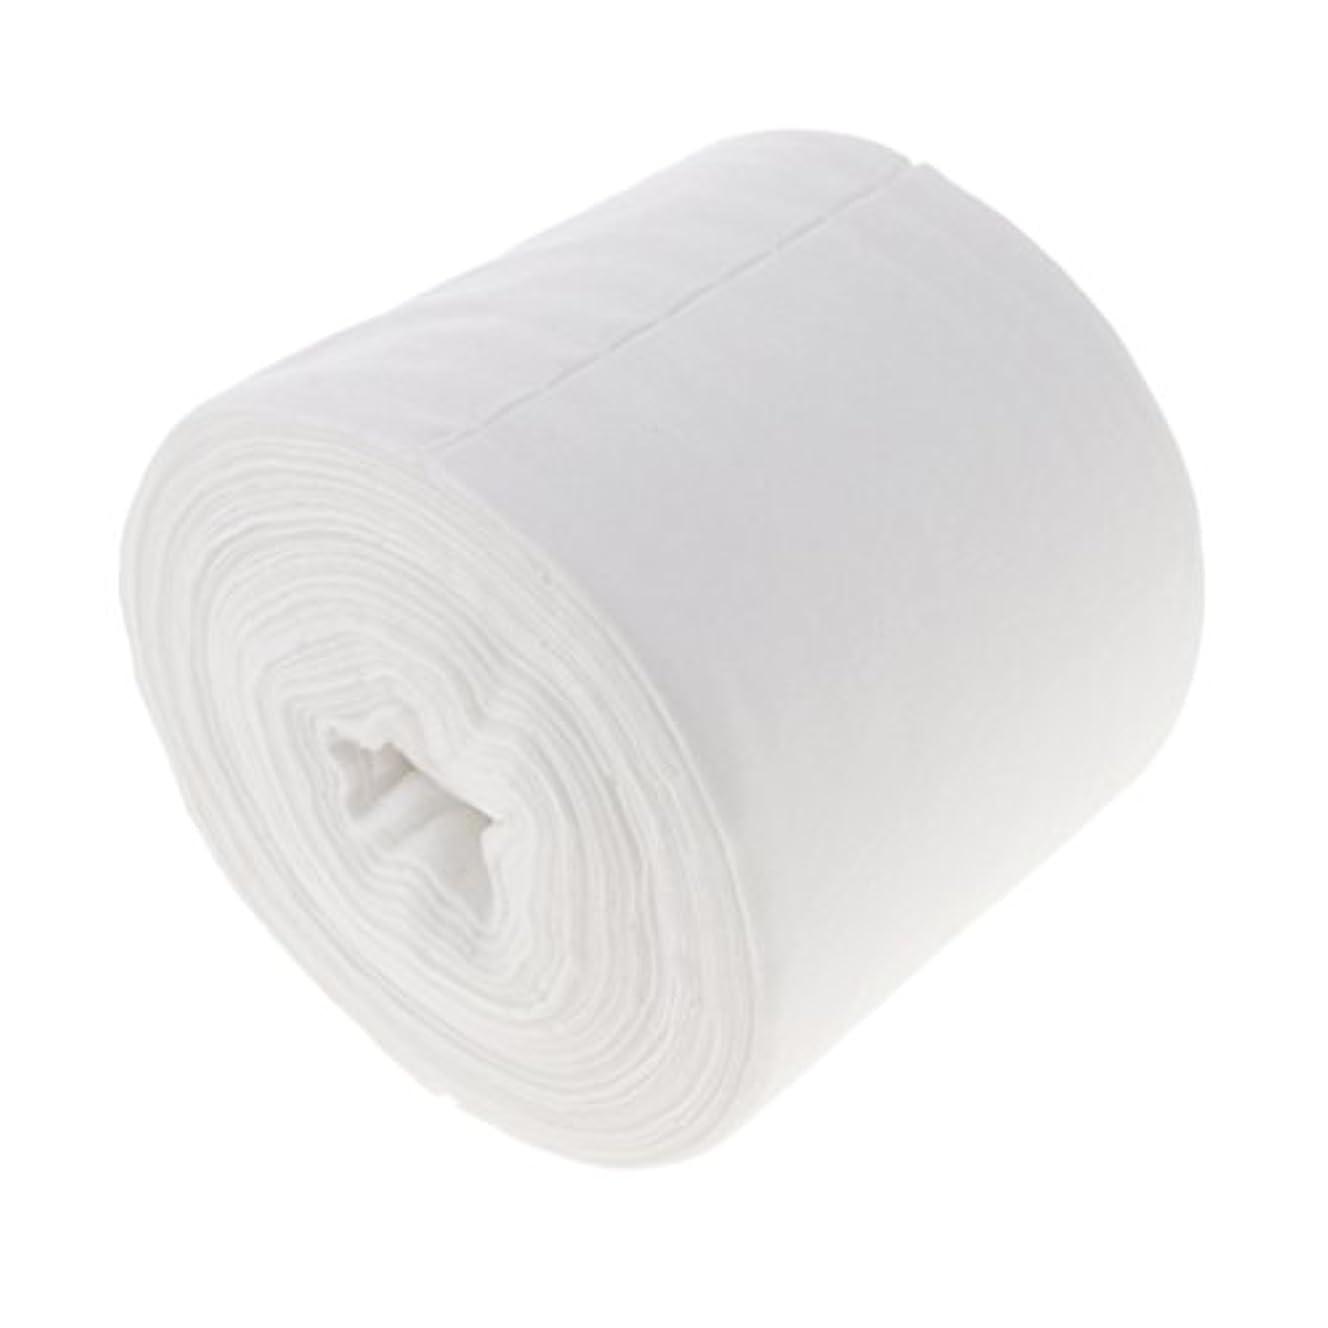 レポートを書く繁栄するフットボール洗顔 クリーニング タオル 使い捨て クレンジング メイク落とし スキンケア